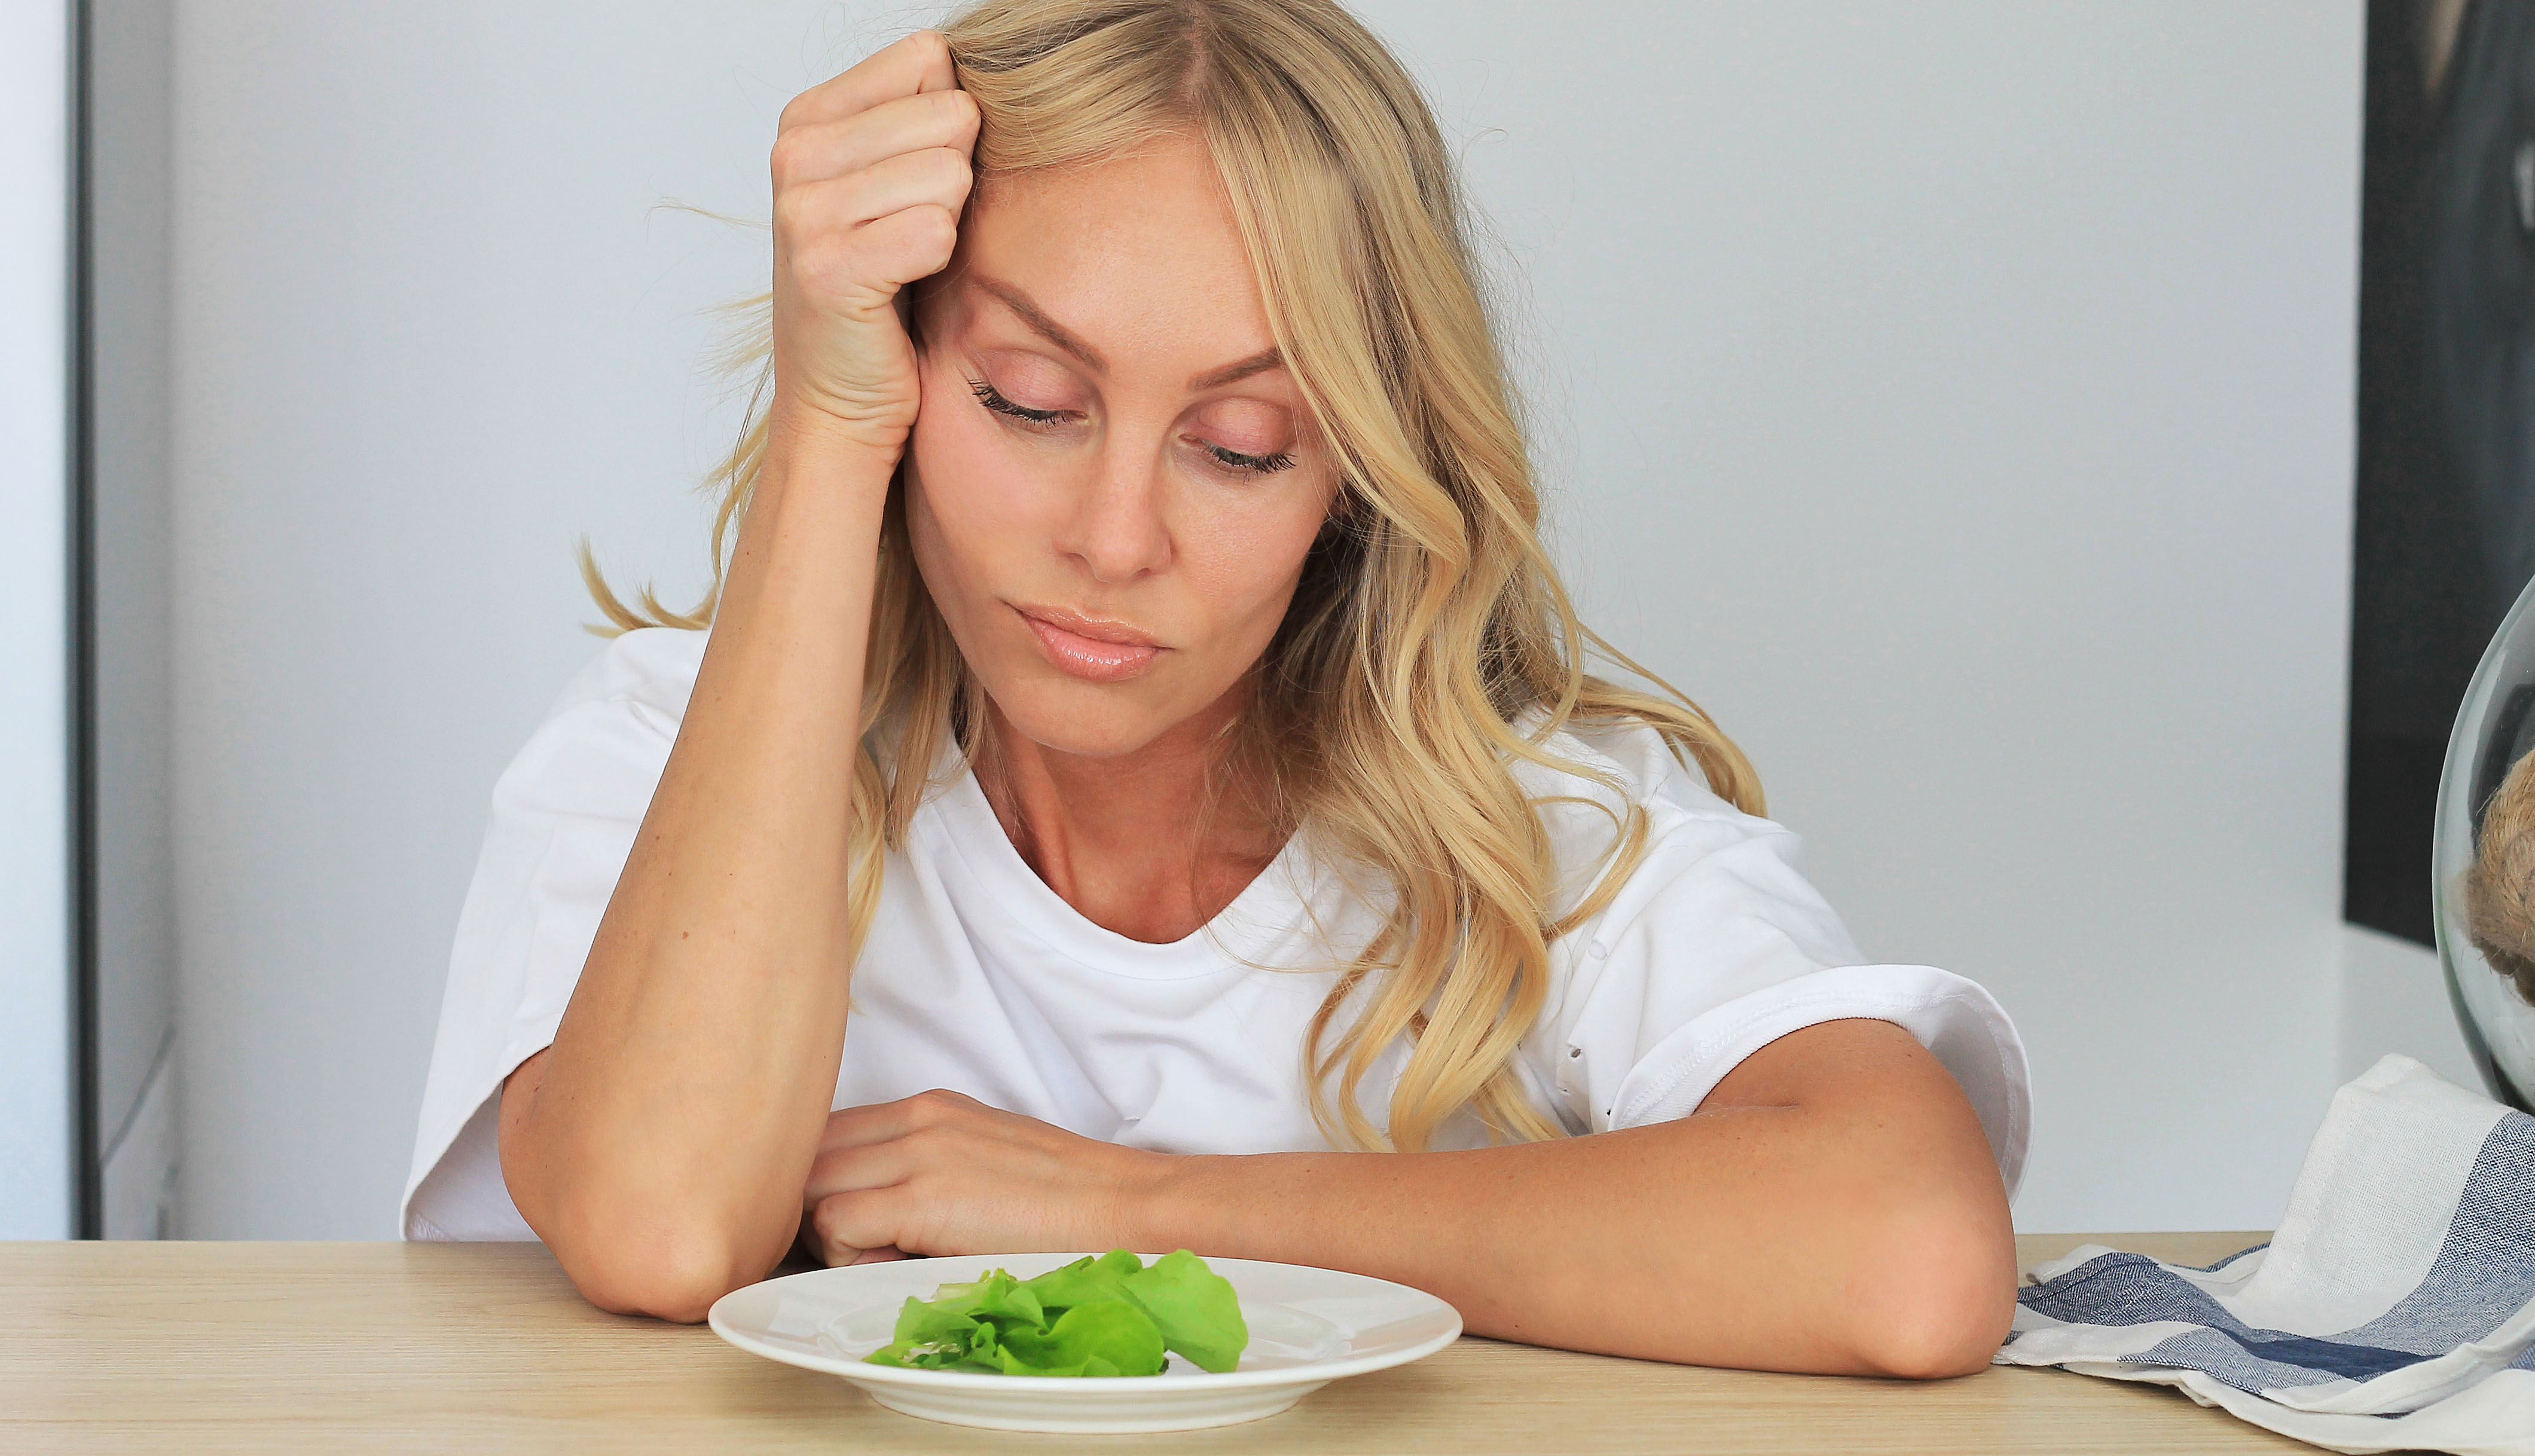 Una mujer sin apetito mira un plato de comida